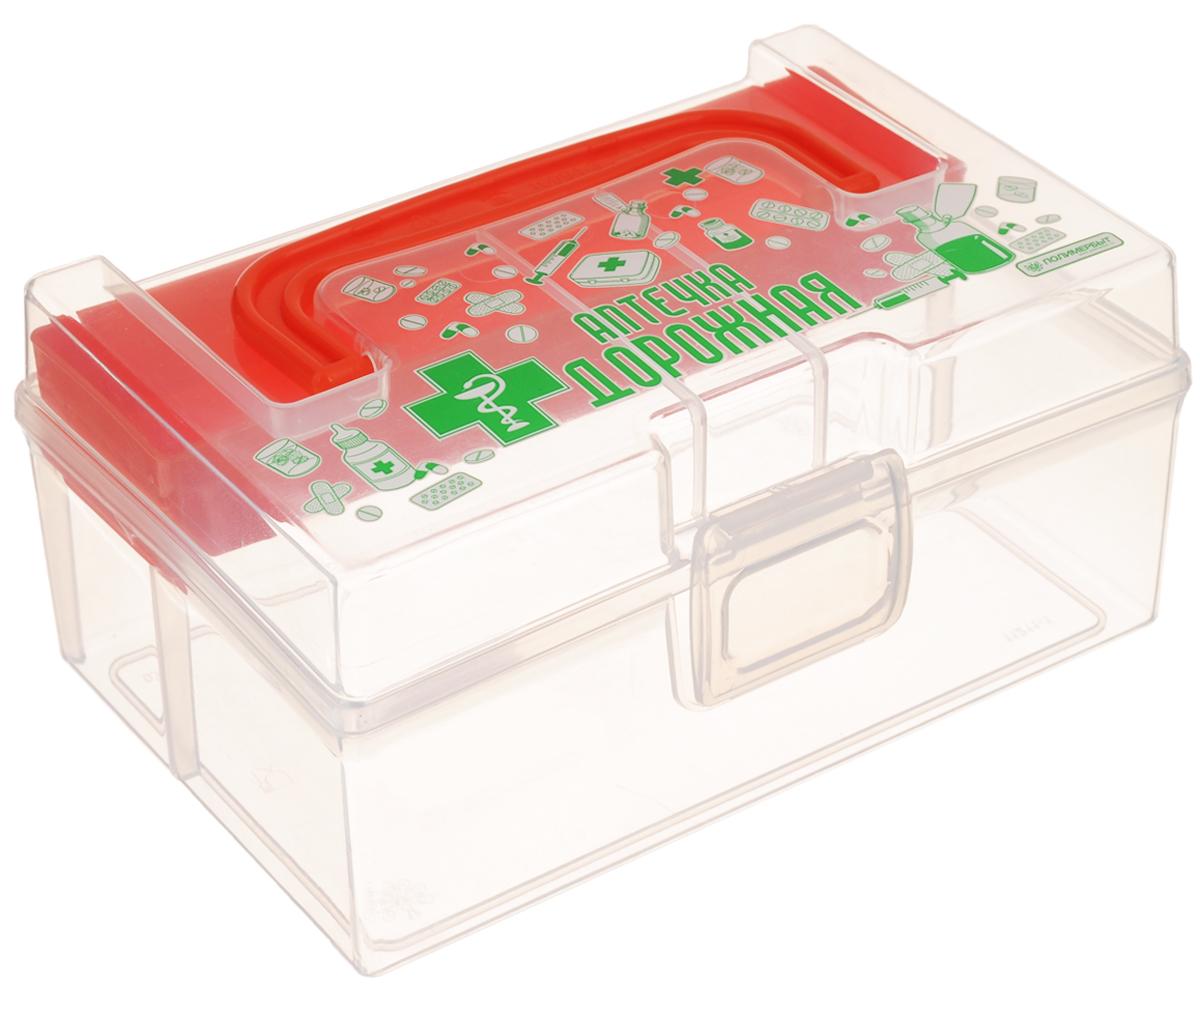 Контейнер для аптечки Полимербыт Аптечка дорожная, с вкладышем, цвет: оранжевый, прозрачный, 800 млCA-3505Контейнер Полимербыт Аптечка дорожная выполнен из прозрачного пластика.Для удобства переноски сверхуимеется ручка. Внутрь вставляется цветной вкладыш с одним отделением.Контейнер плотно закрываетсякрышкой с защелками.Контейнер для аптечки Полимербыт Аптечка дорожная очень вместителен ипоможет вам хранить все лекарствав одном месте. Размер вкладыша: 16 х 4 х 2 см.